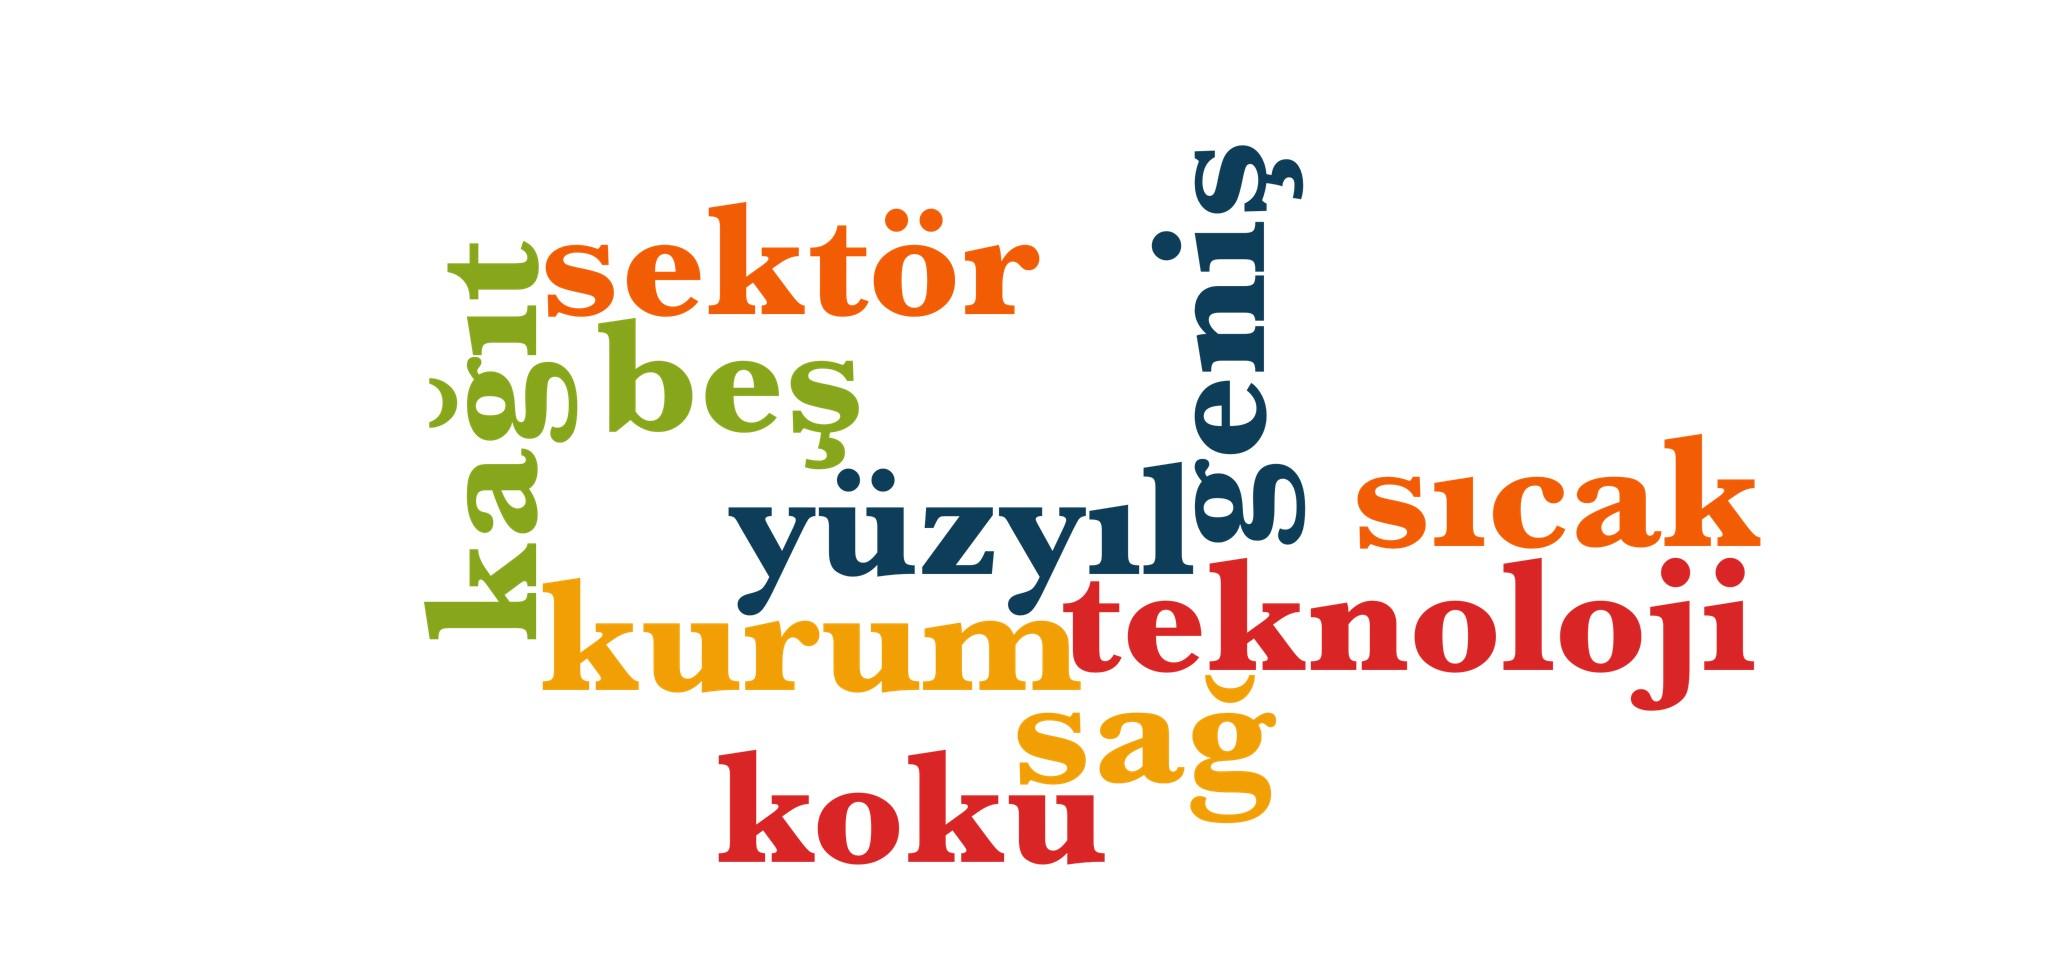 Wörter 471 bis 480 der 1000 häufigsten Wörter der türkischen Sprache